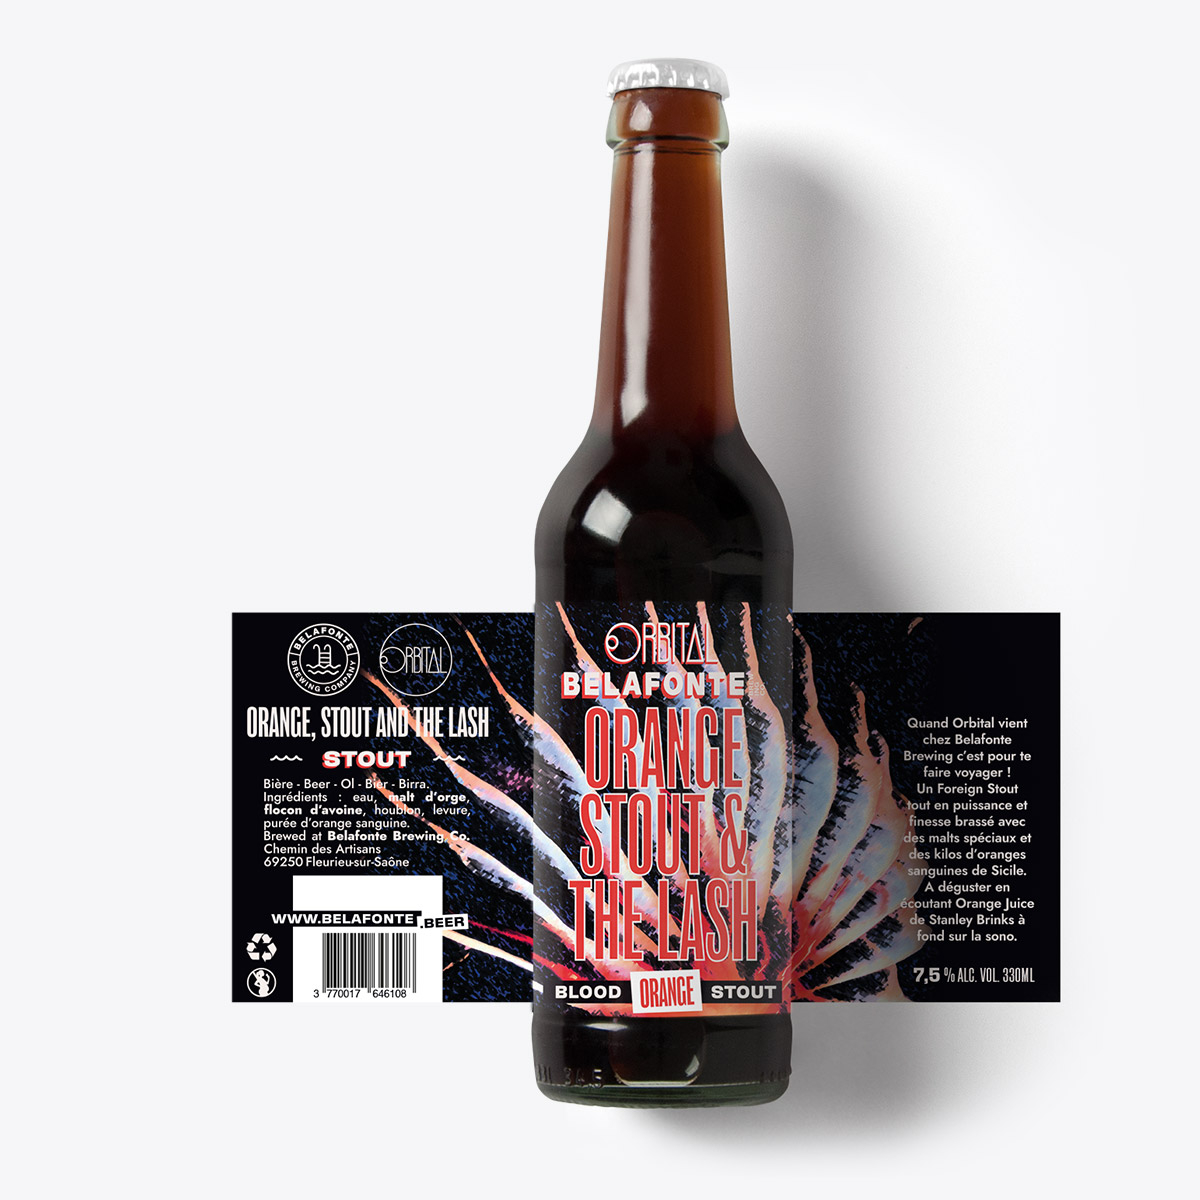 Orbital Space Beers - Orange stout & the lash